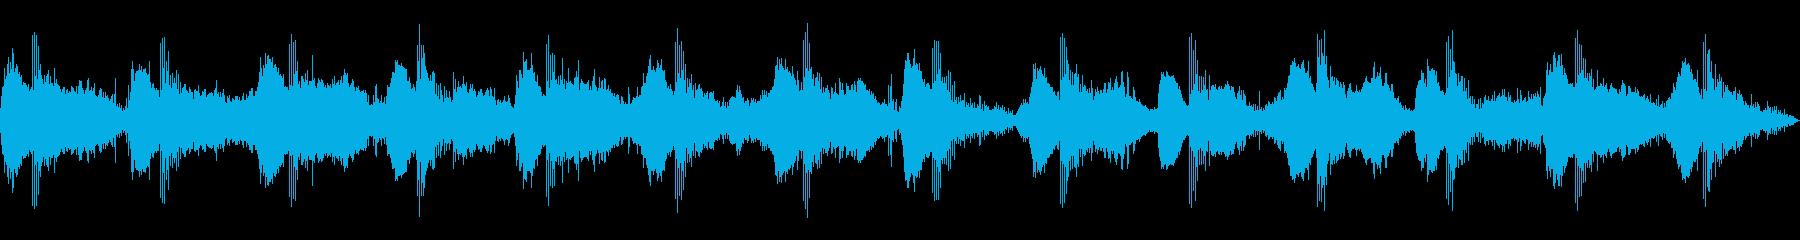 ヒーリングアンビエント_樹林_Aの再生済みの波形